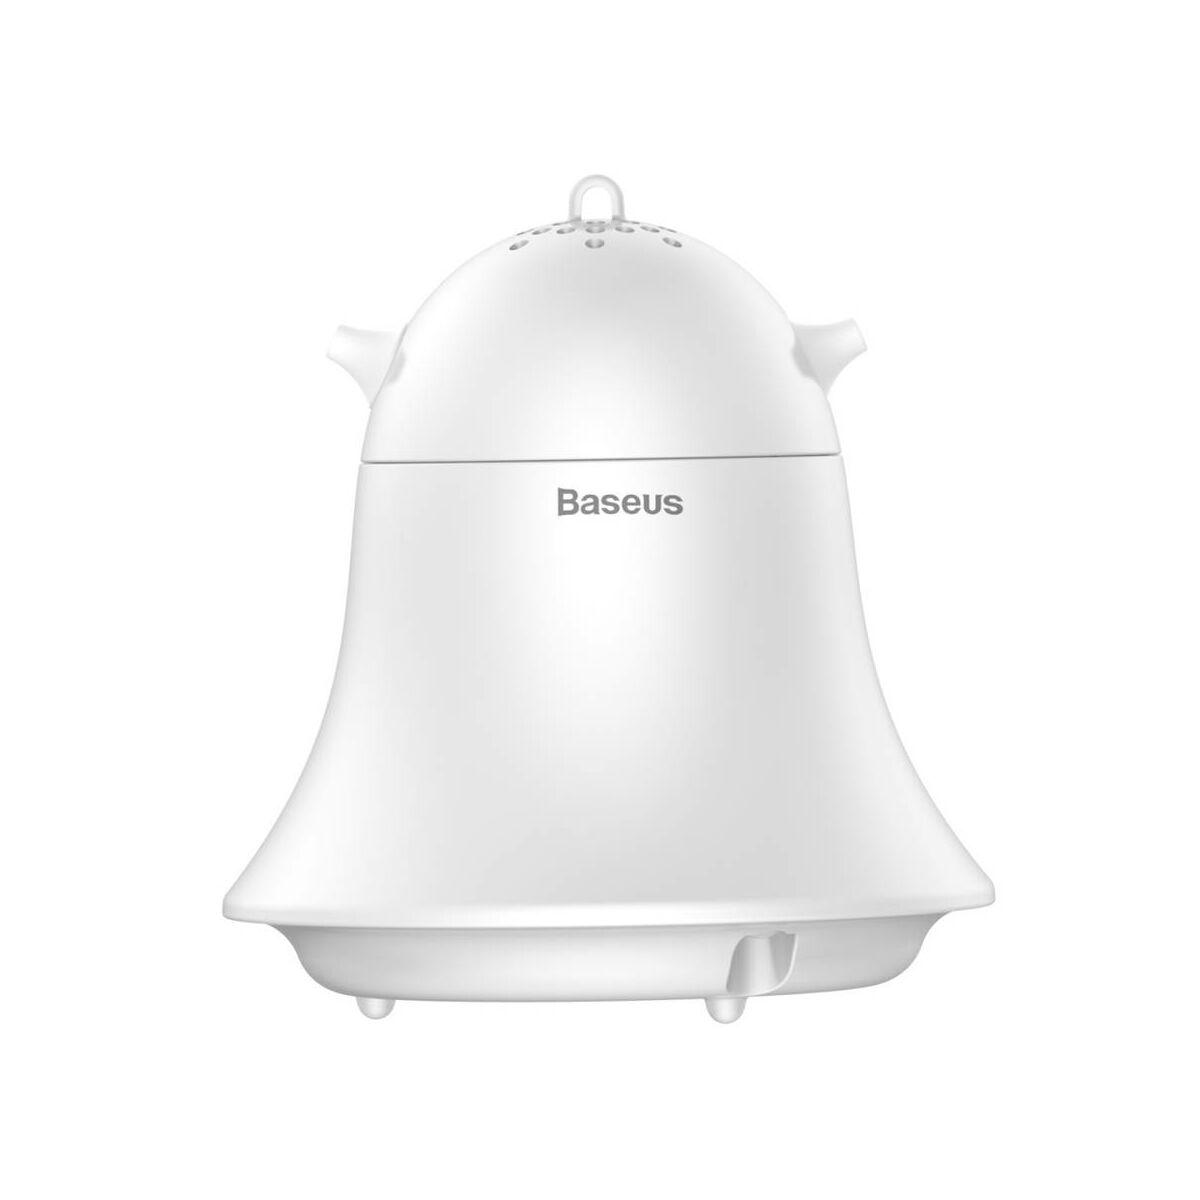 Baseus otthon, Blue wind chime series hordozható rovarriasztó, fehér (ACMWD-LF02)